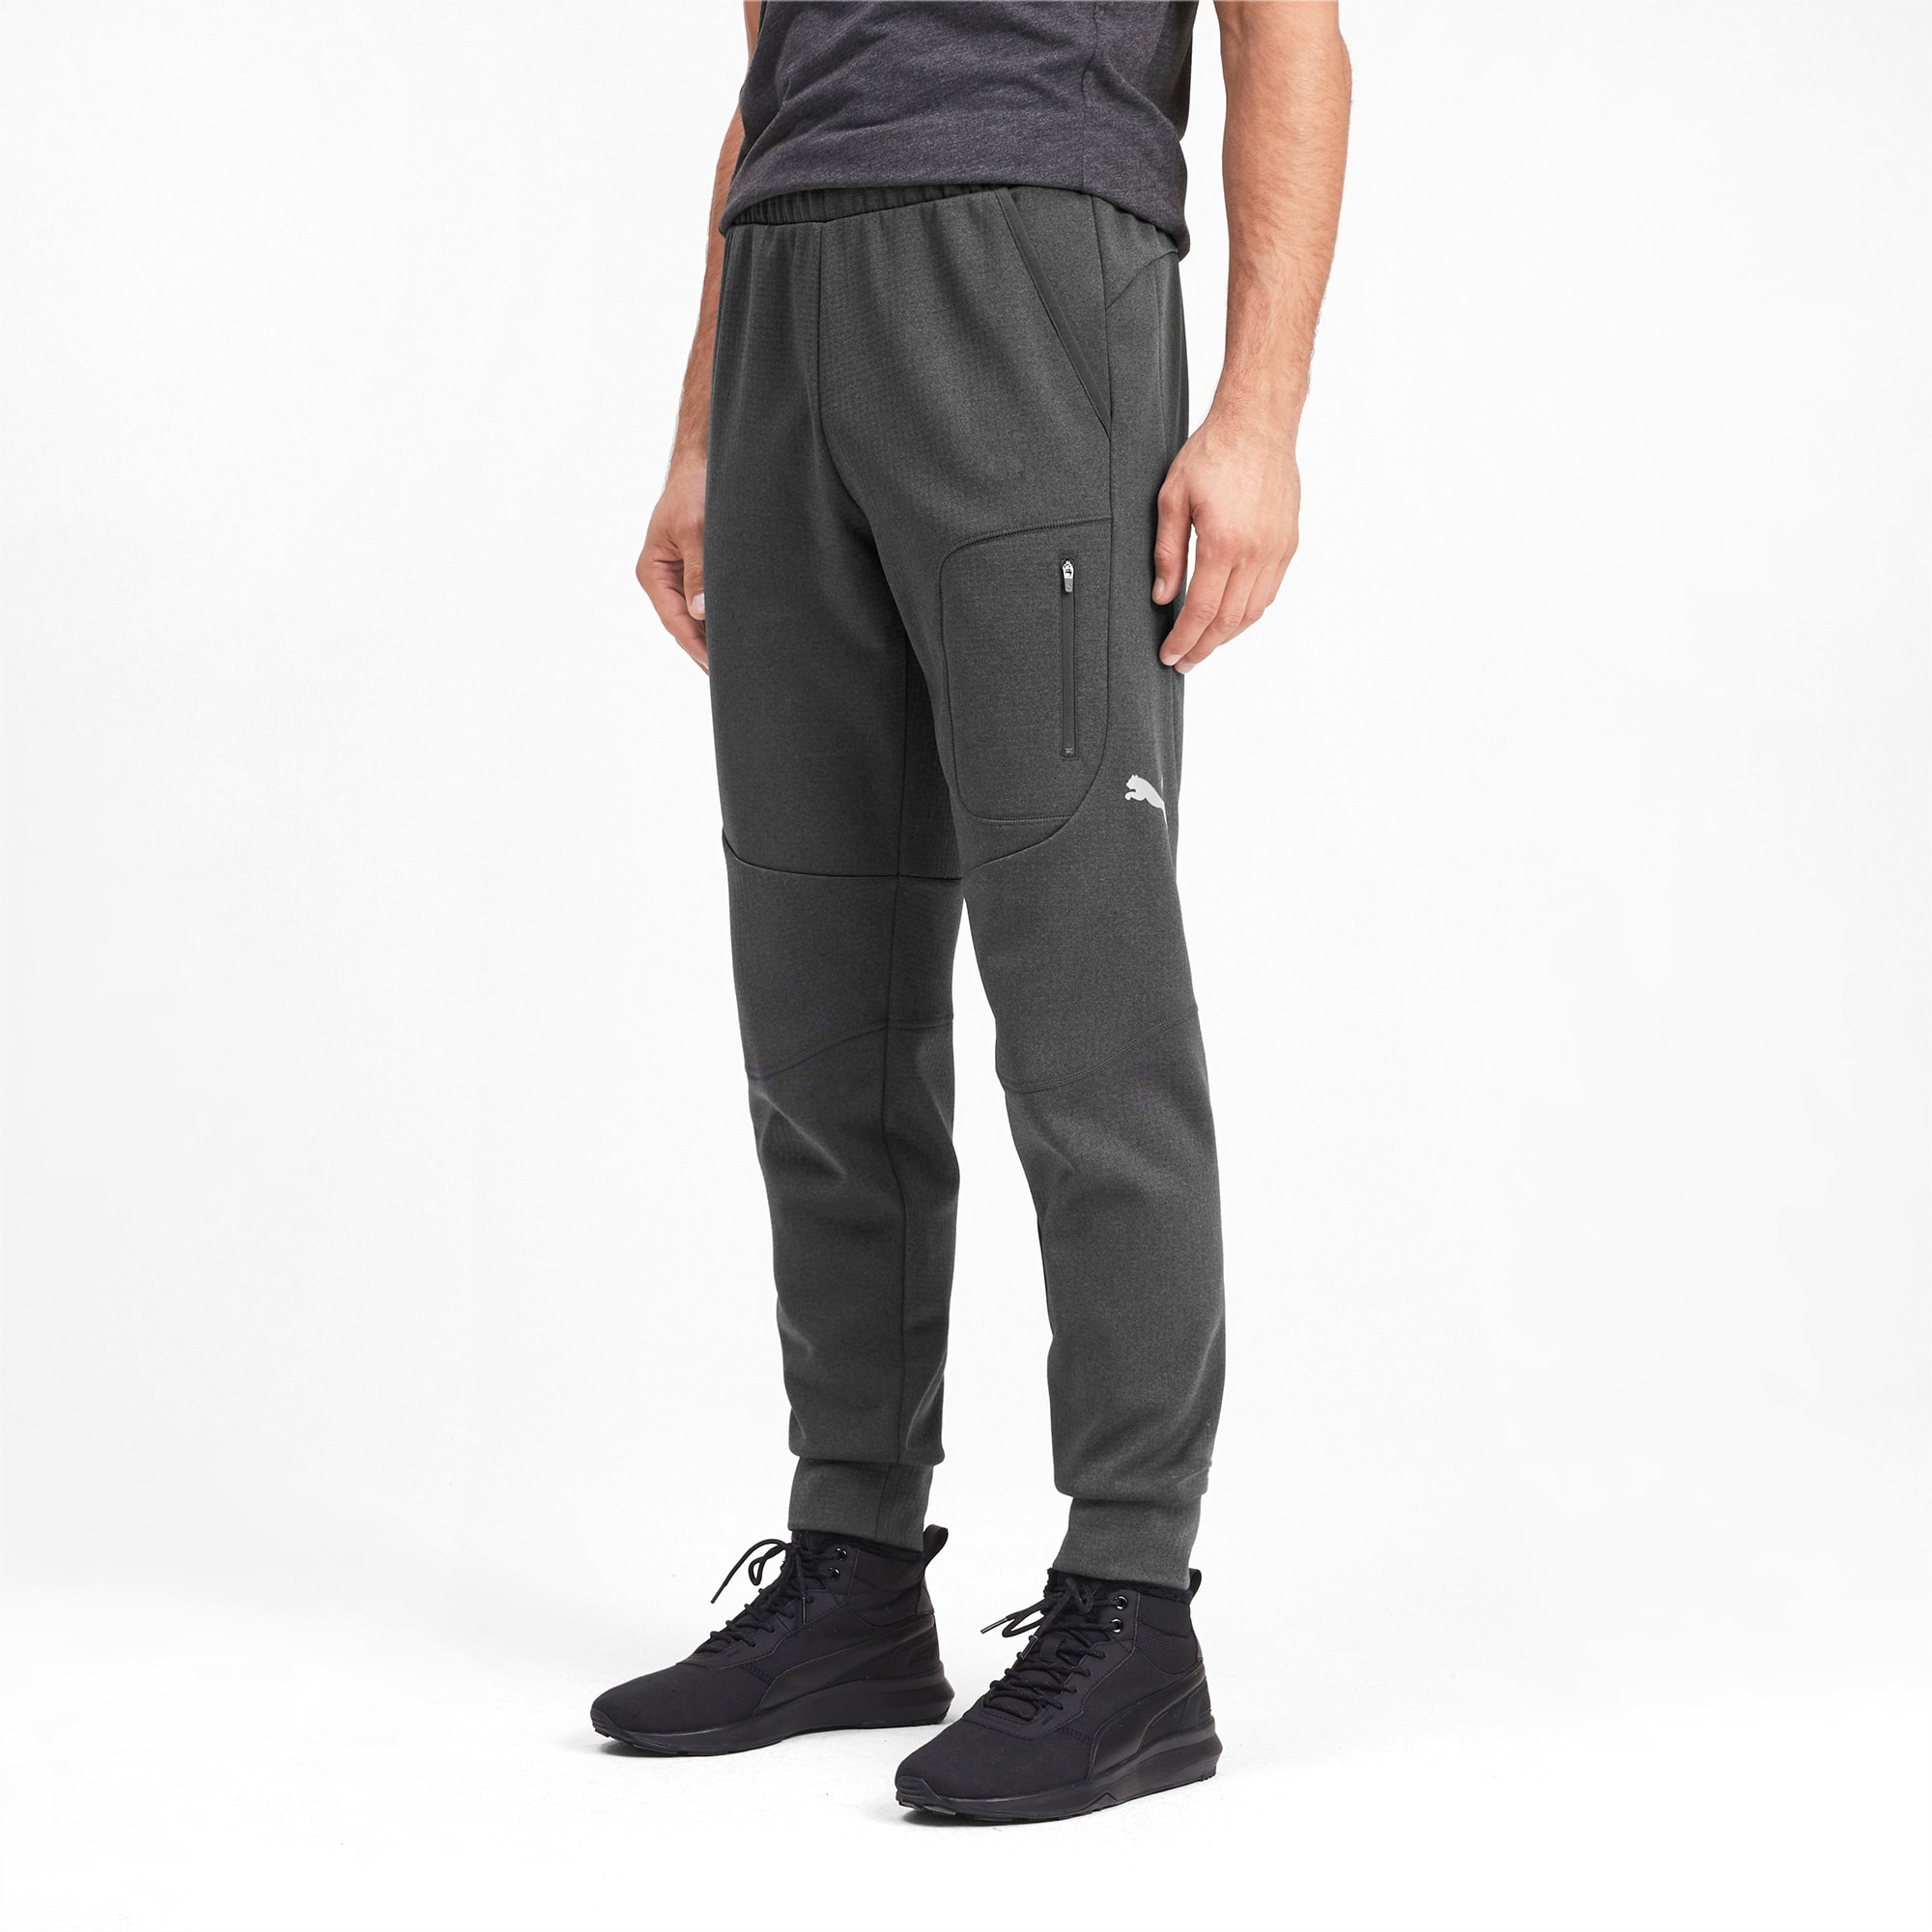 Evostripe Warm Men's Pants